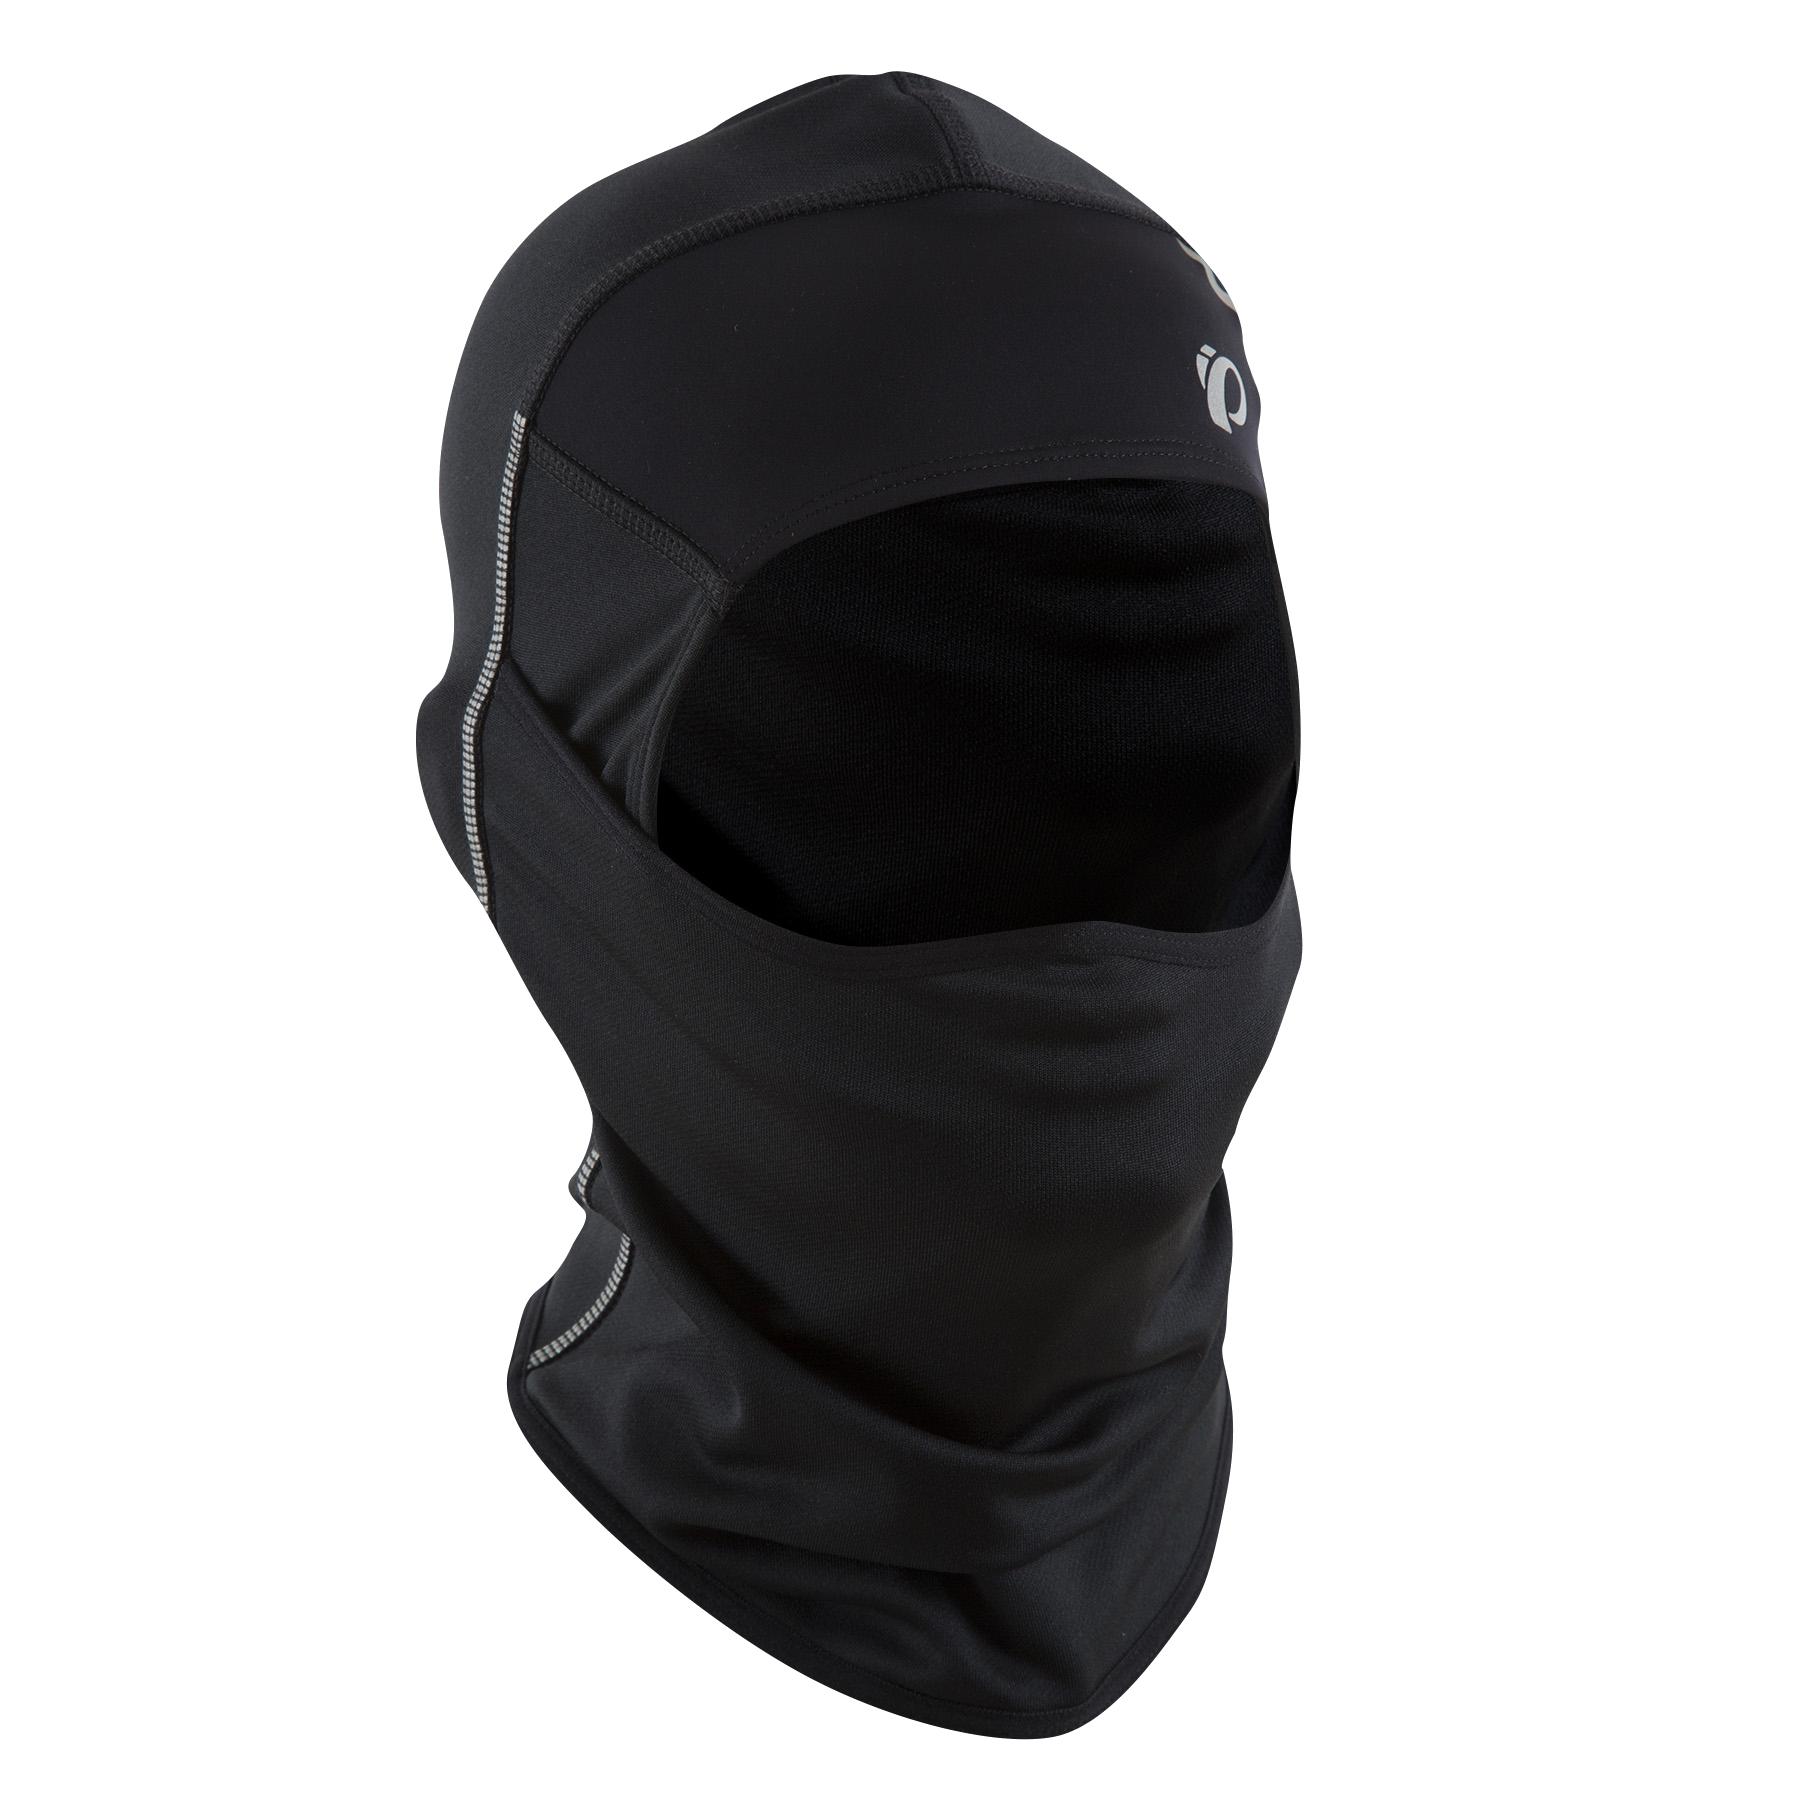 2587e9ad73a Ski masks and balaclavas